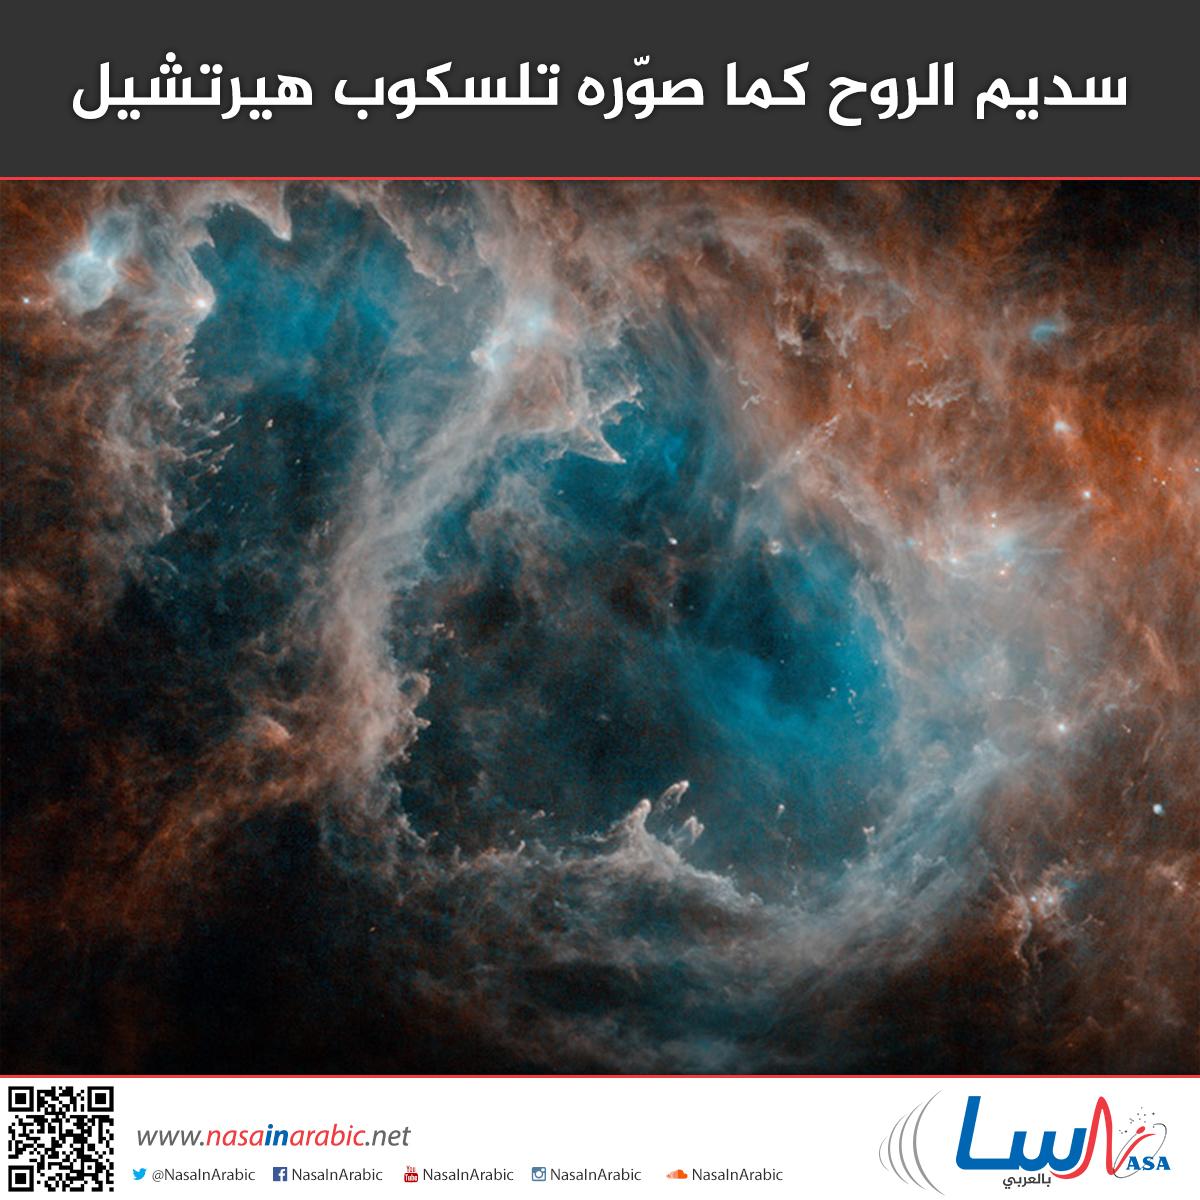 سديم الروح كما صوره تلسكوب هيرتشيل